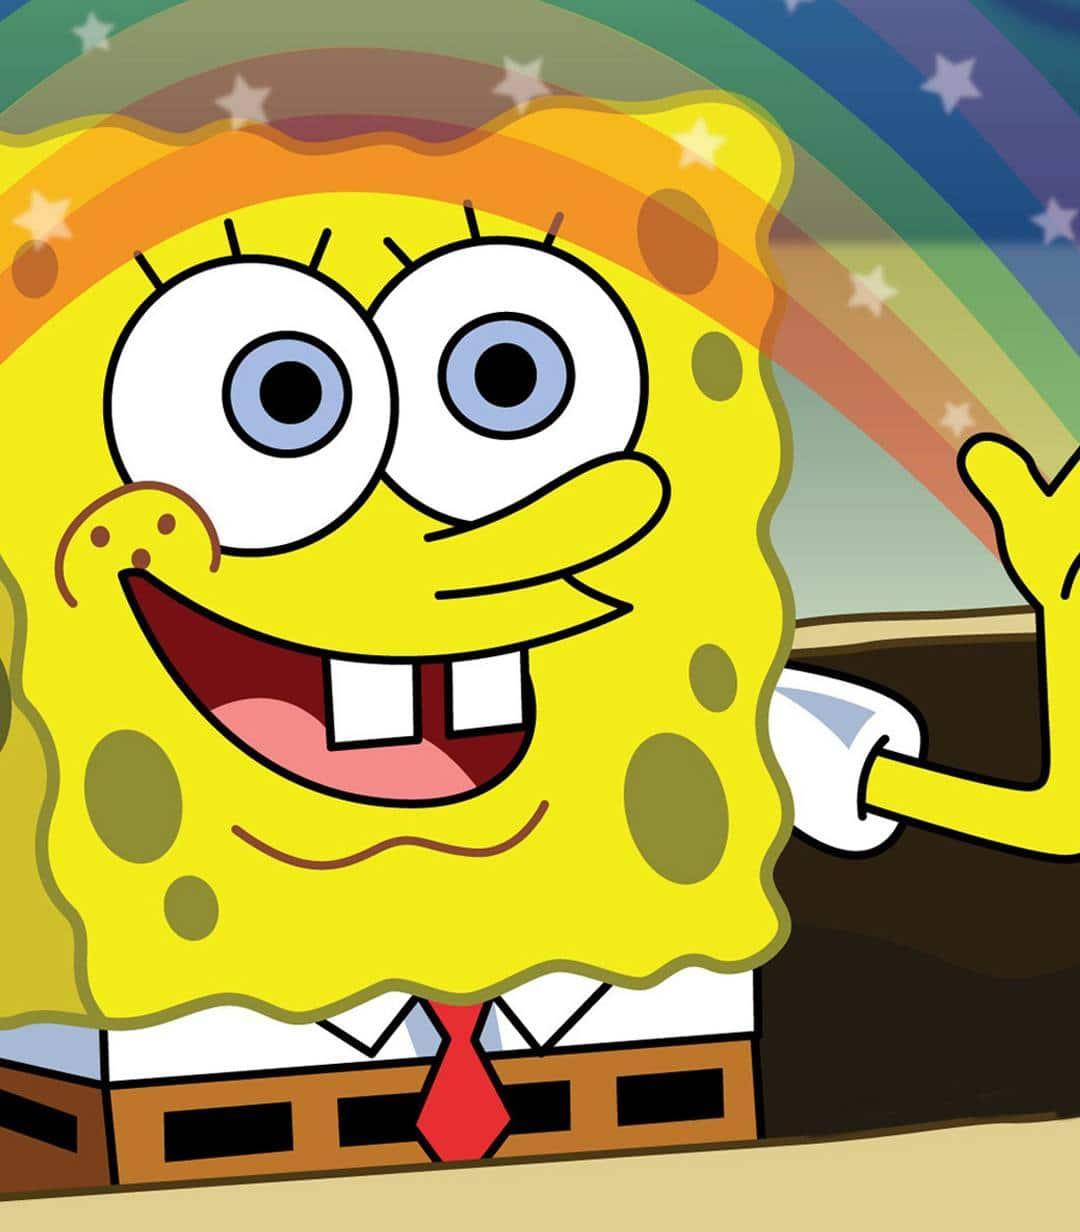 Губка Боб Квадратные Штаны Наведём чистоту в Бикини Боттом // Друг для Гэри в 12:55 на Nickelodeon